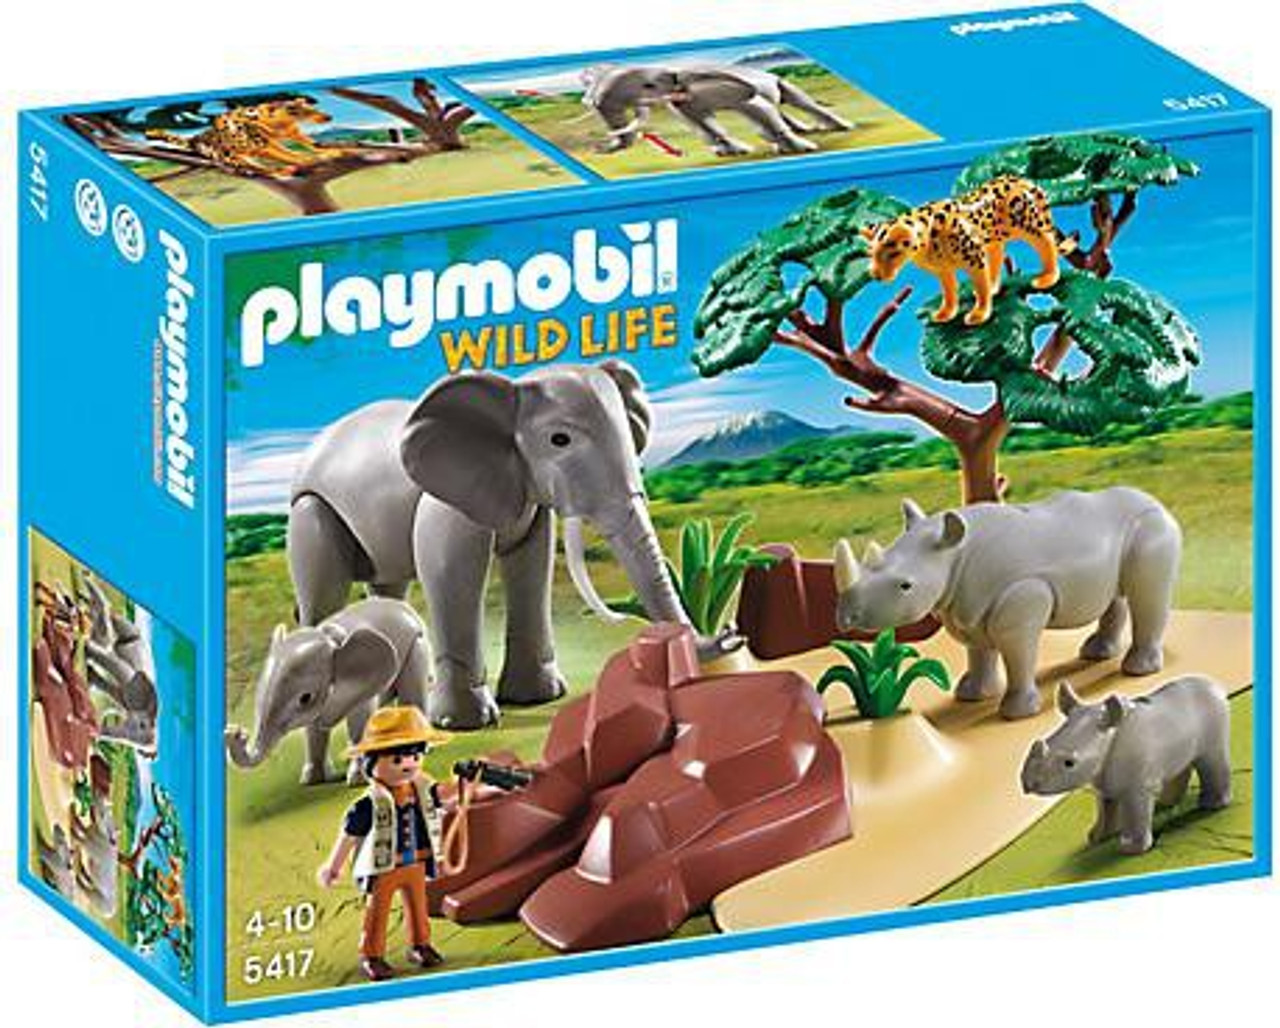 Playmobil Wild Life African Savannah with Animals Set #5417